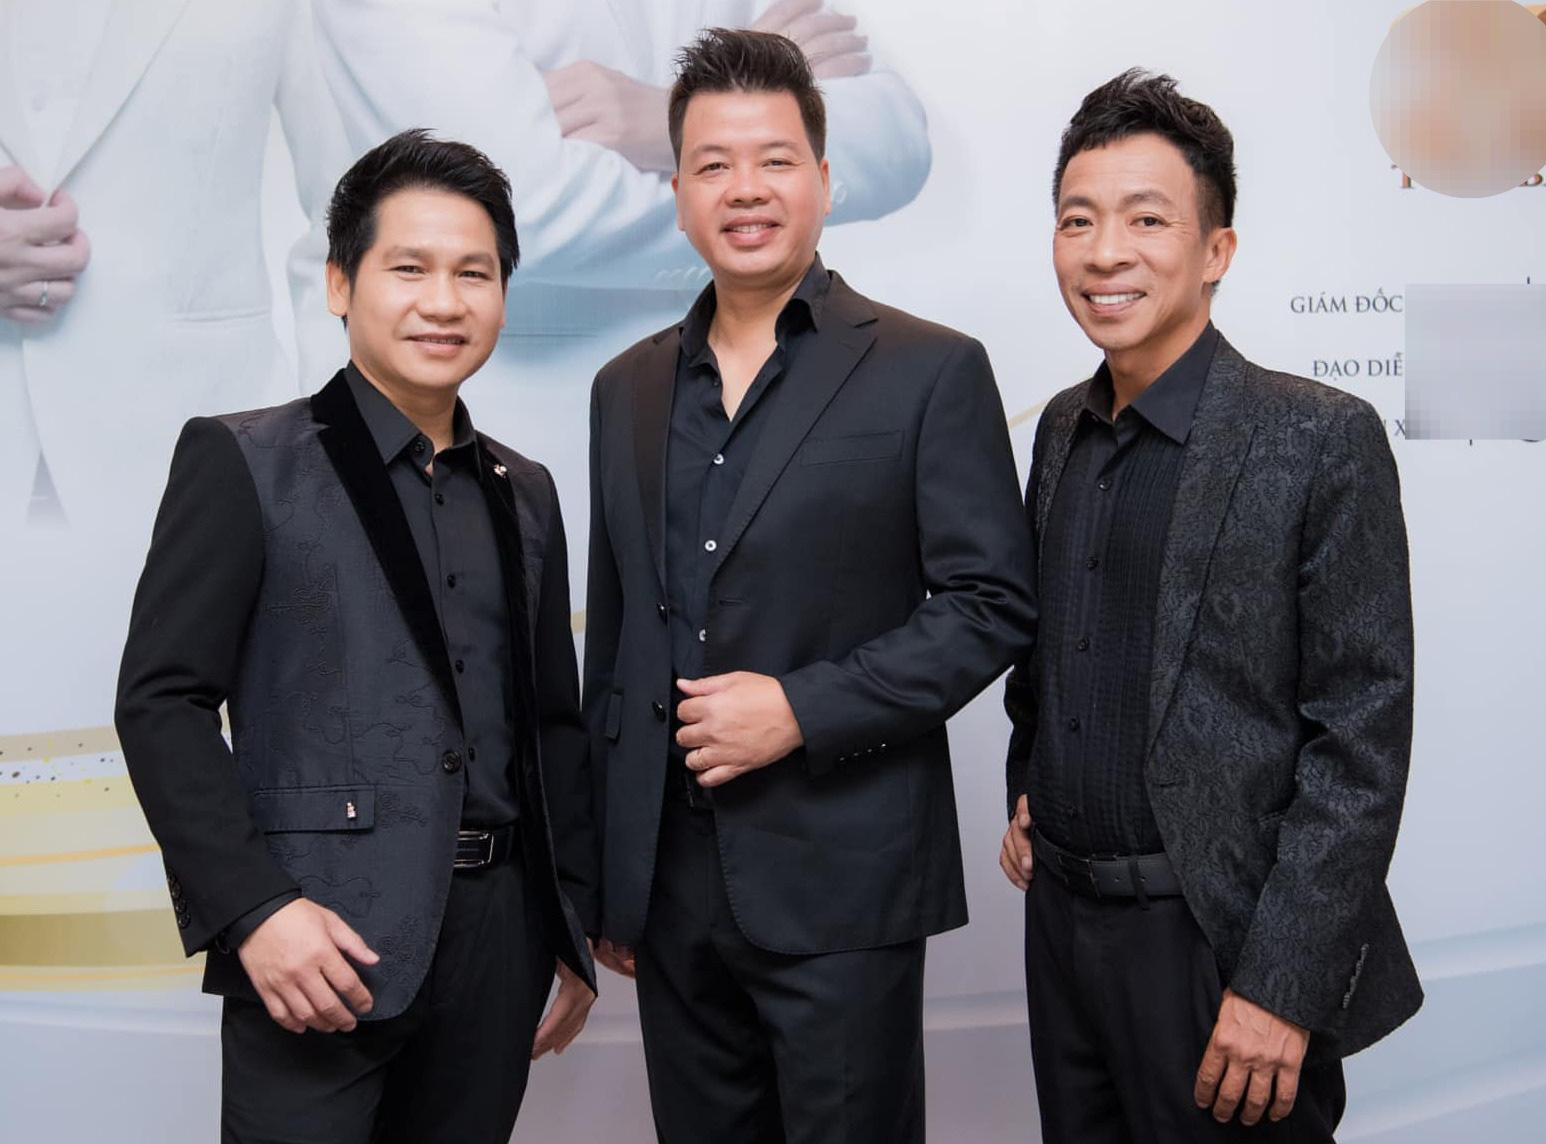 NSƯT Đăng Dương kể về biến cố gia đình và 18 năm hôn nhân - Ảnh 1.